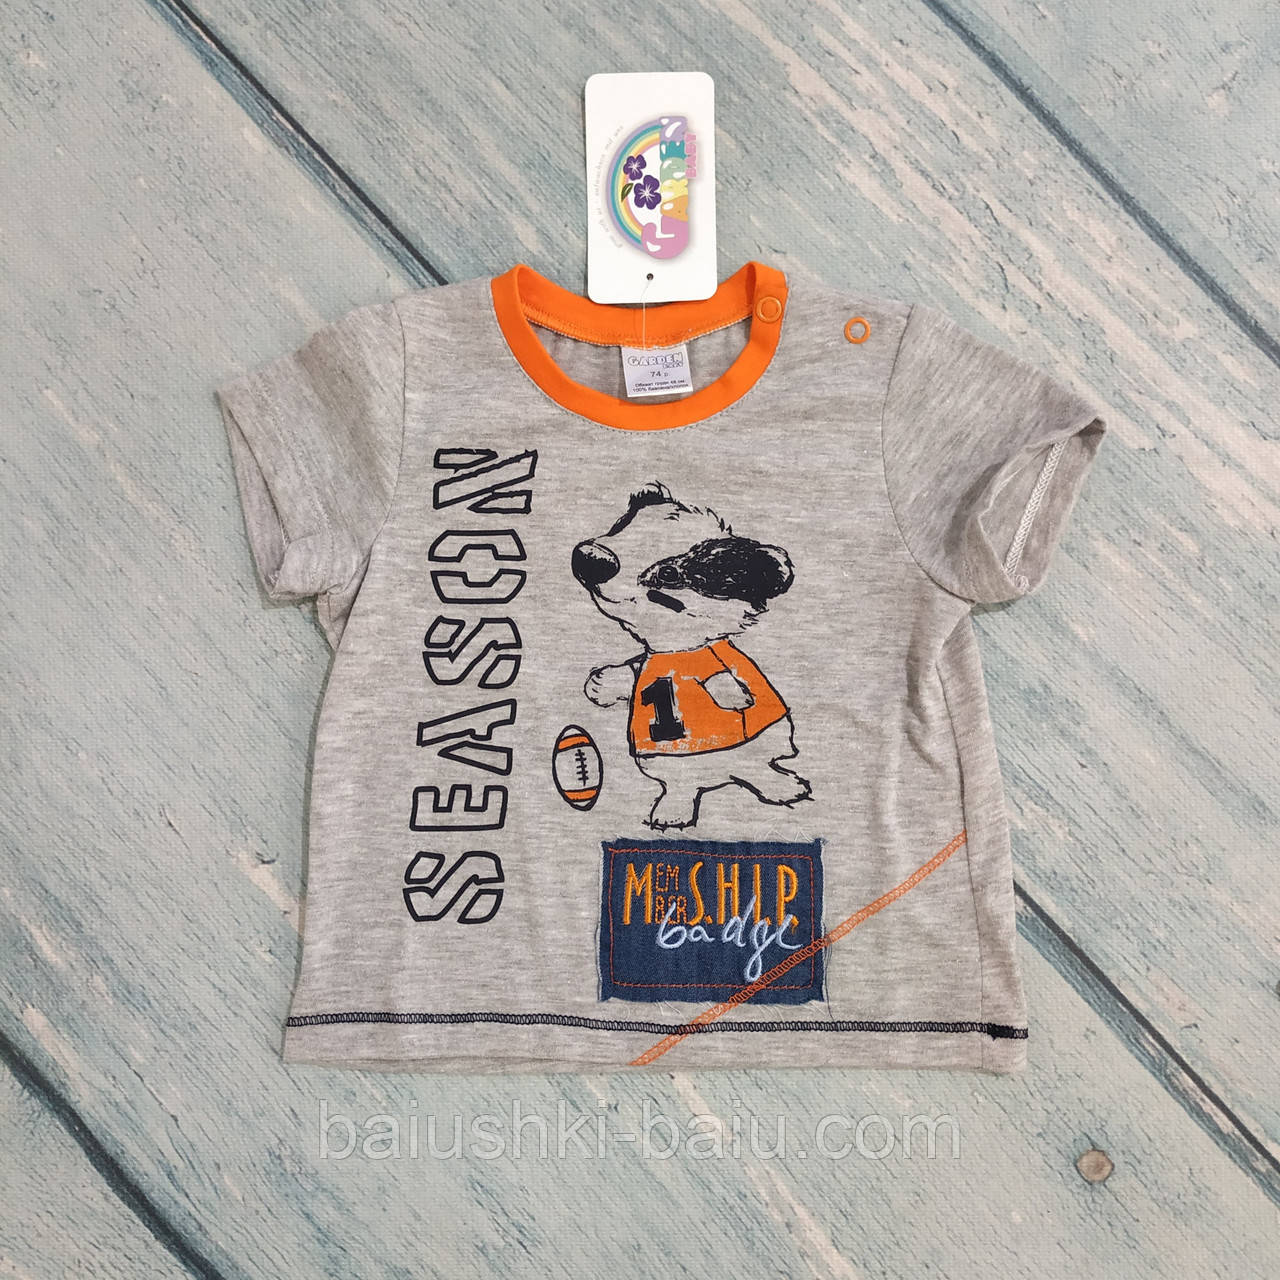 Детская футболка трикотажная на мальчика, р. 74